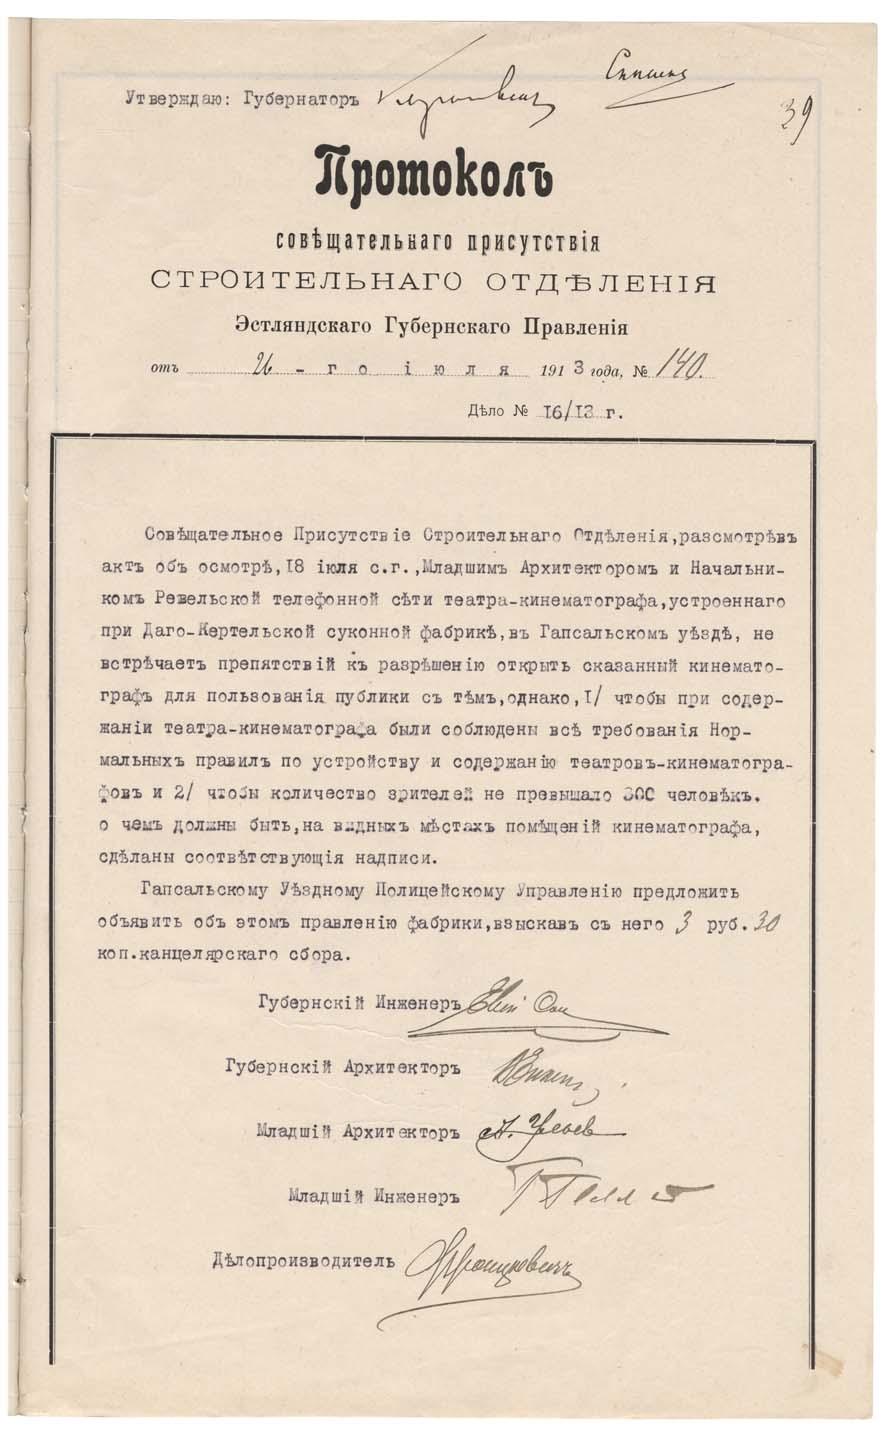 Eestimaa kubermanguvalitsuse ehitusosakonna luba kino ehitamiseks. RA, EAA.33.3.3051, l. 39. 33_3_3051_39